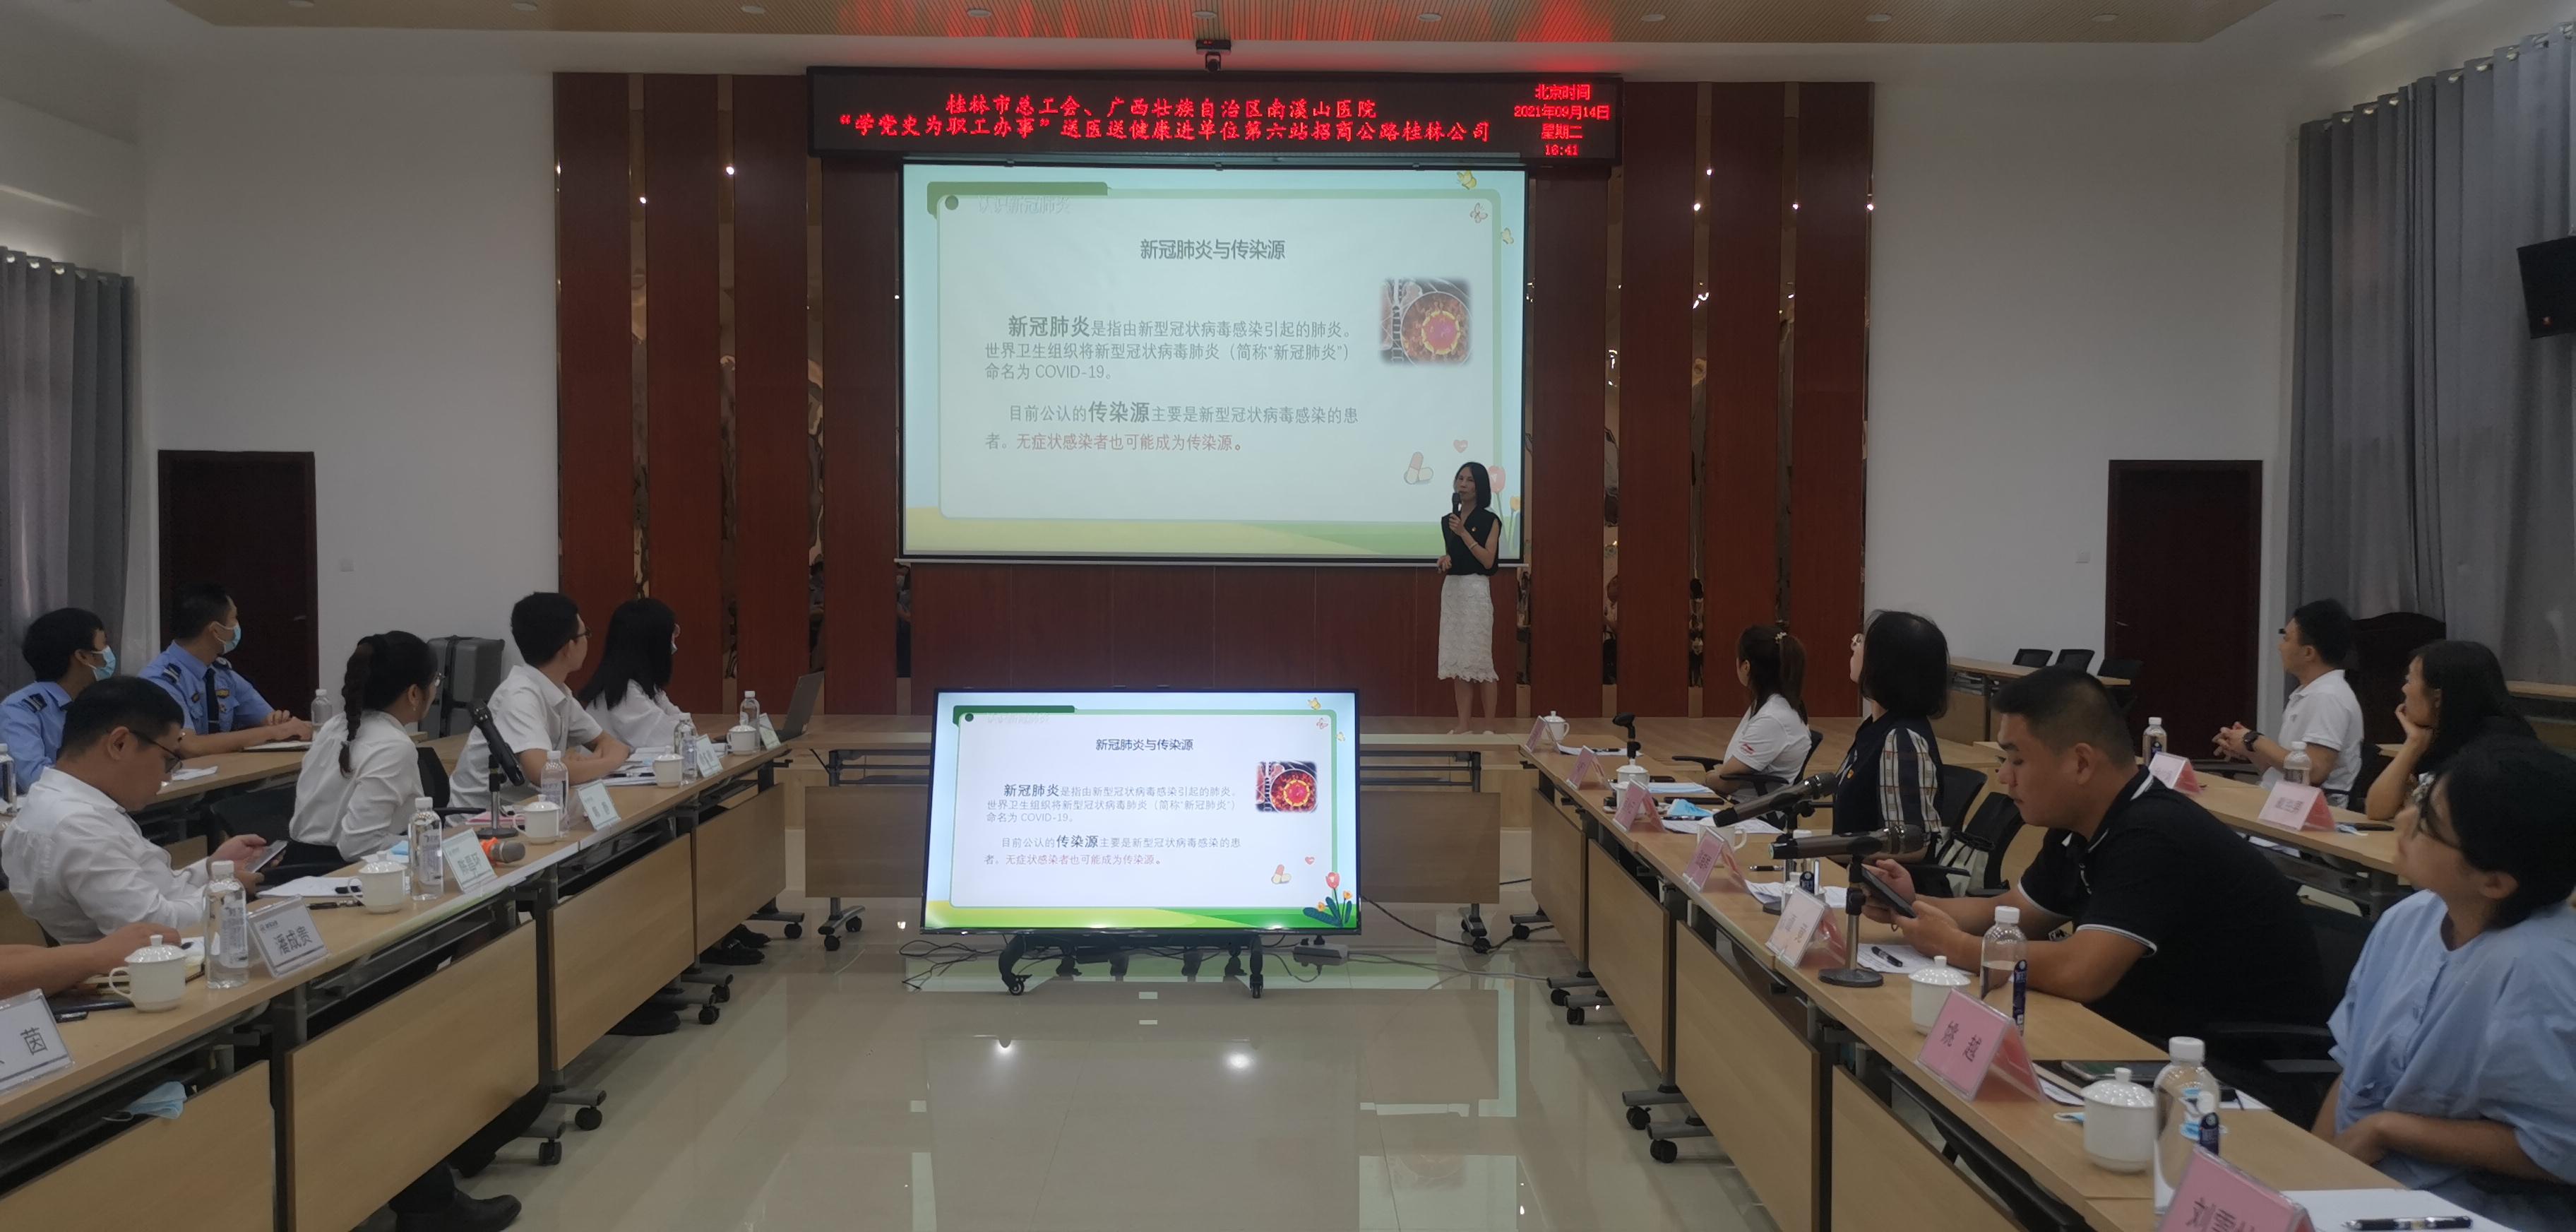 广西壮族自治区南溪山医院走进招商公路桂林公司开展送健康活动